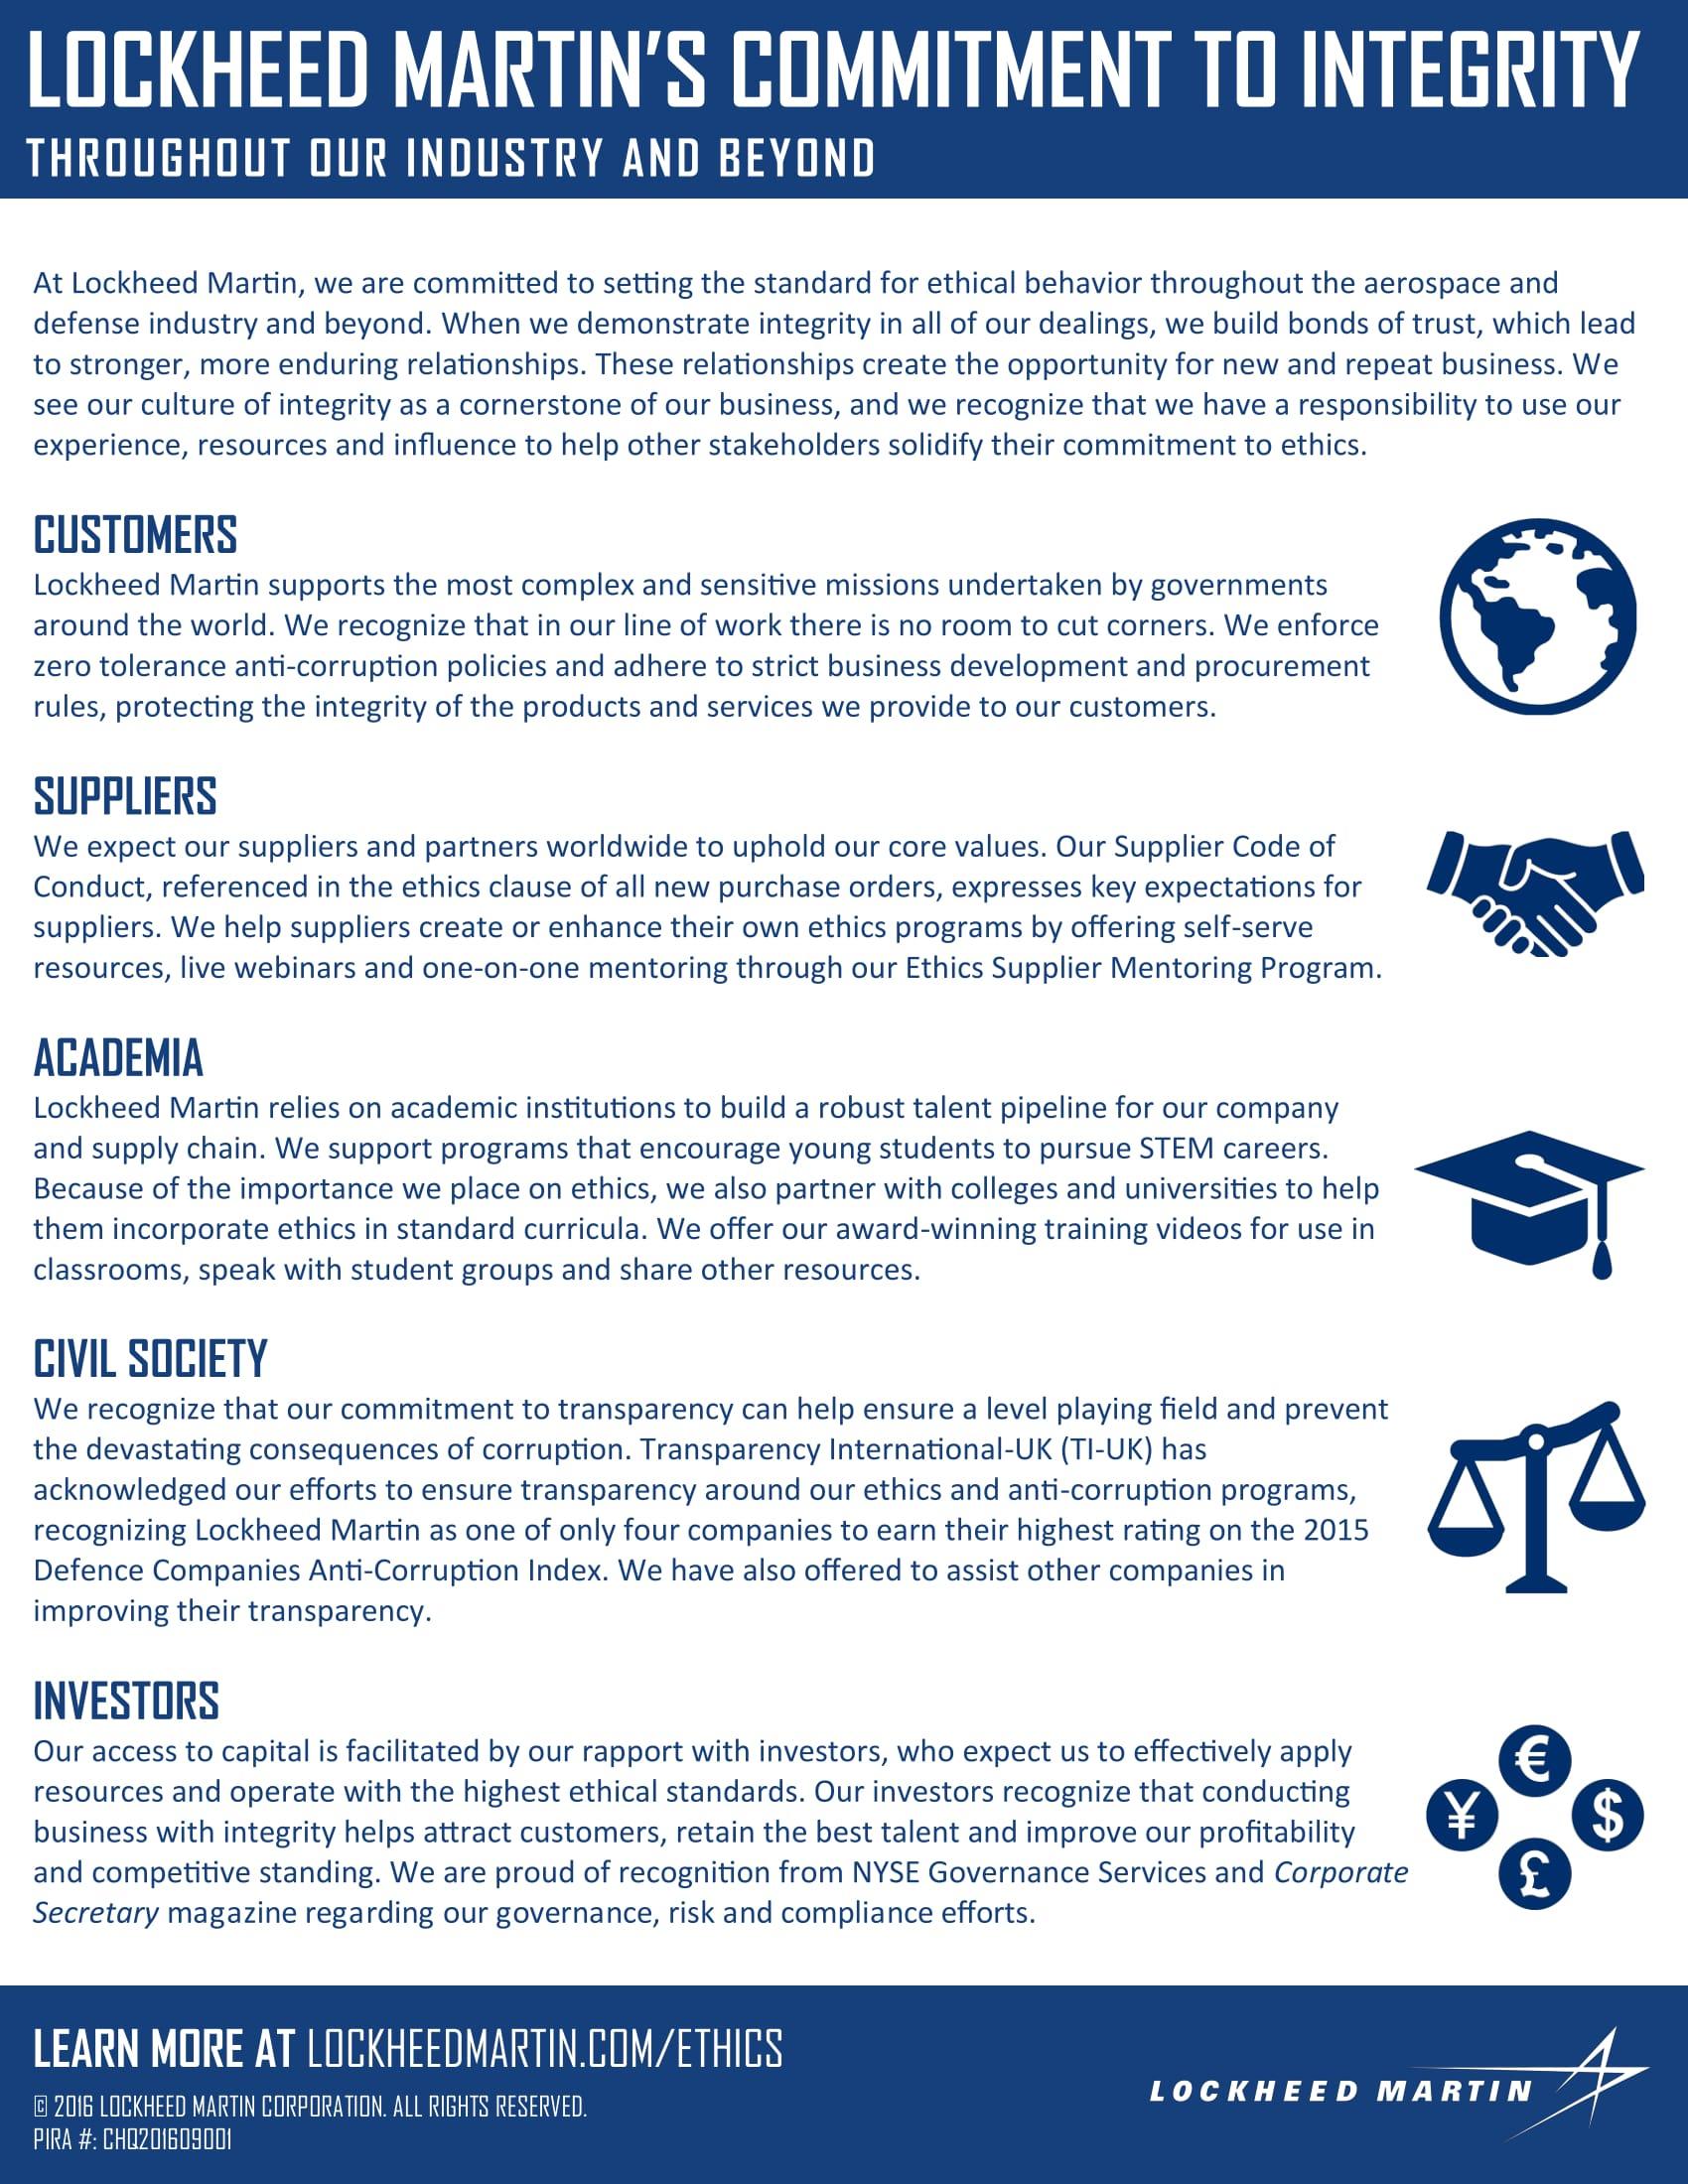 lm-ethics-program-overview-2.jpg